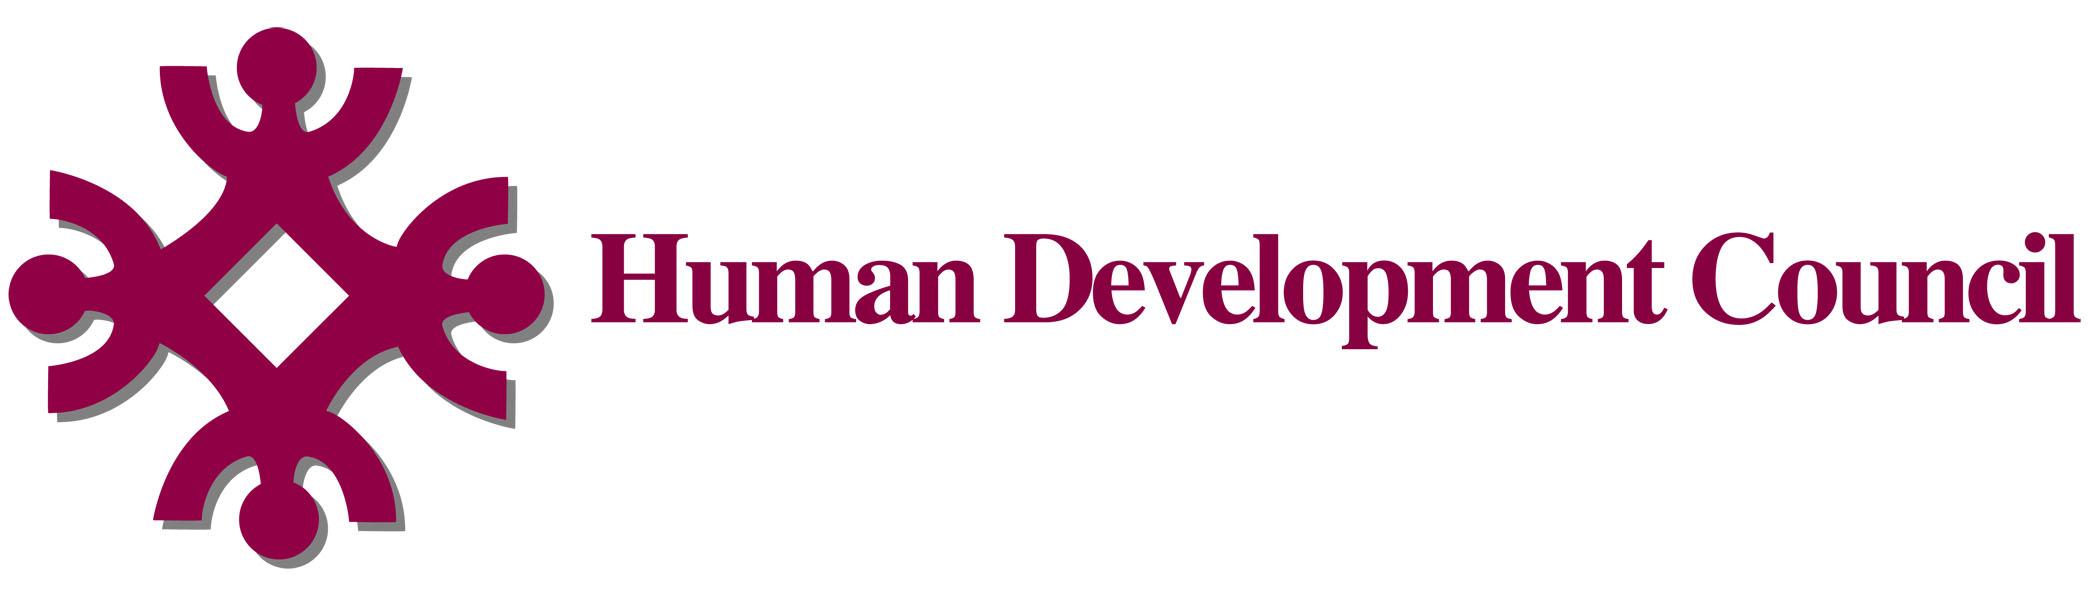 HDC Logo 2.jpg